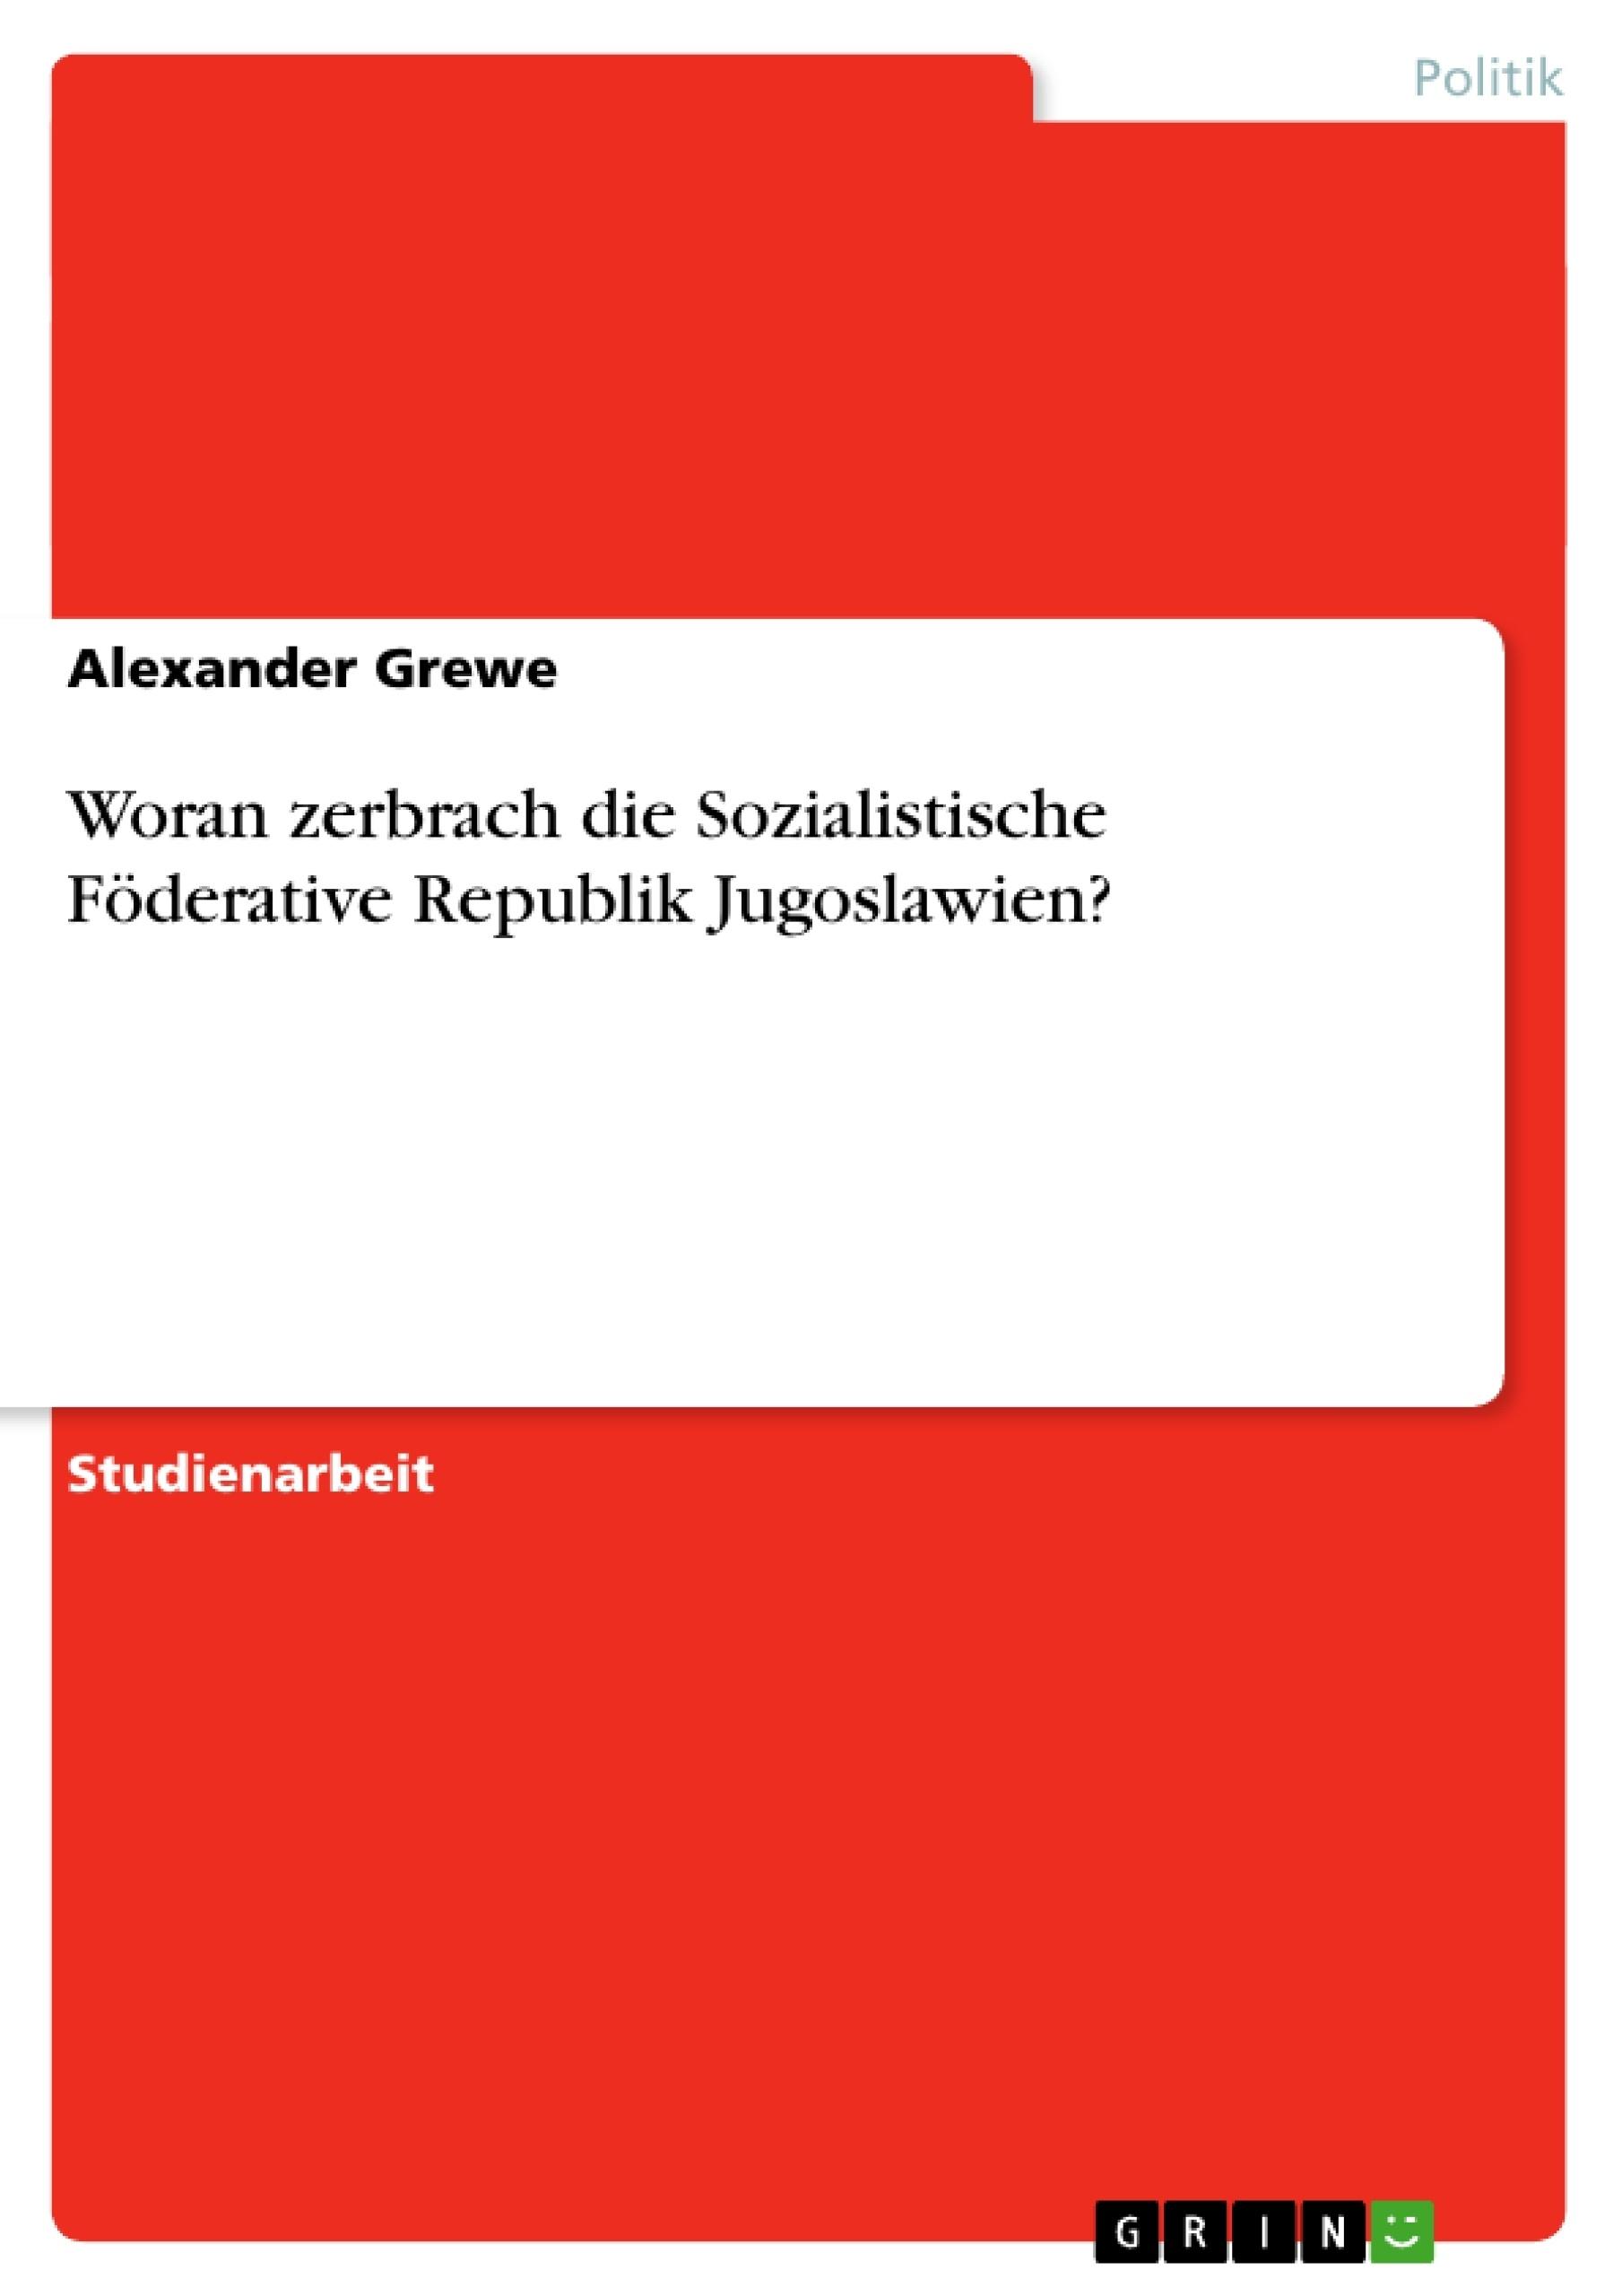 Titel: Woran zerbrach die Sozialistische Föderative Republik Jugoslawien?